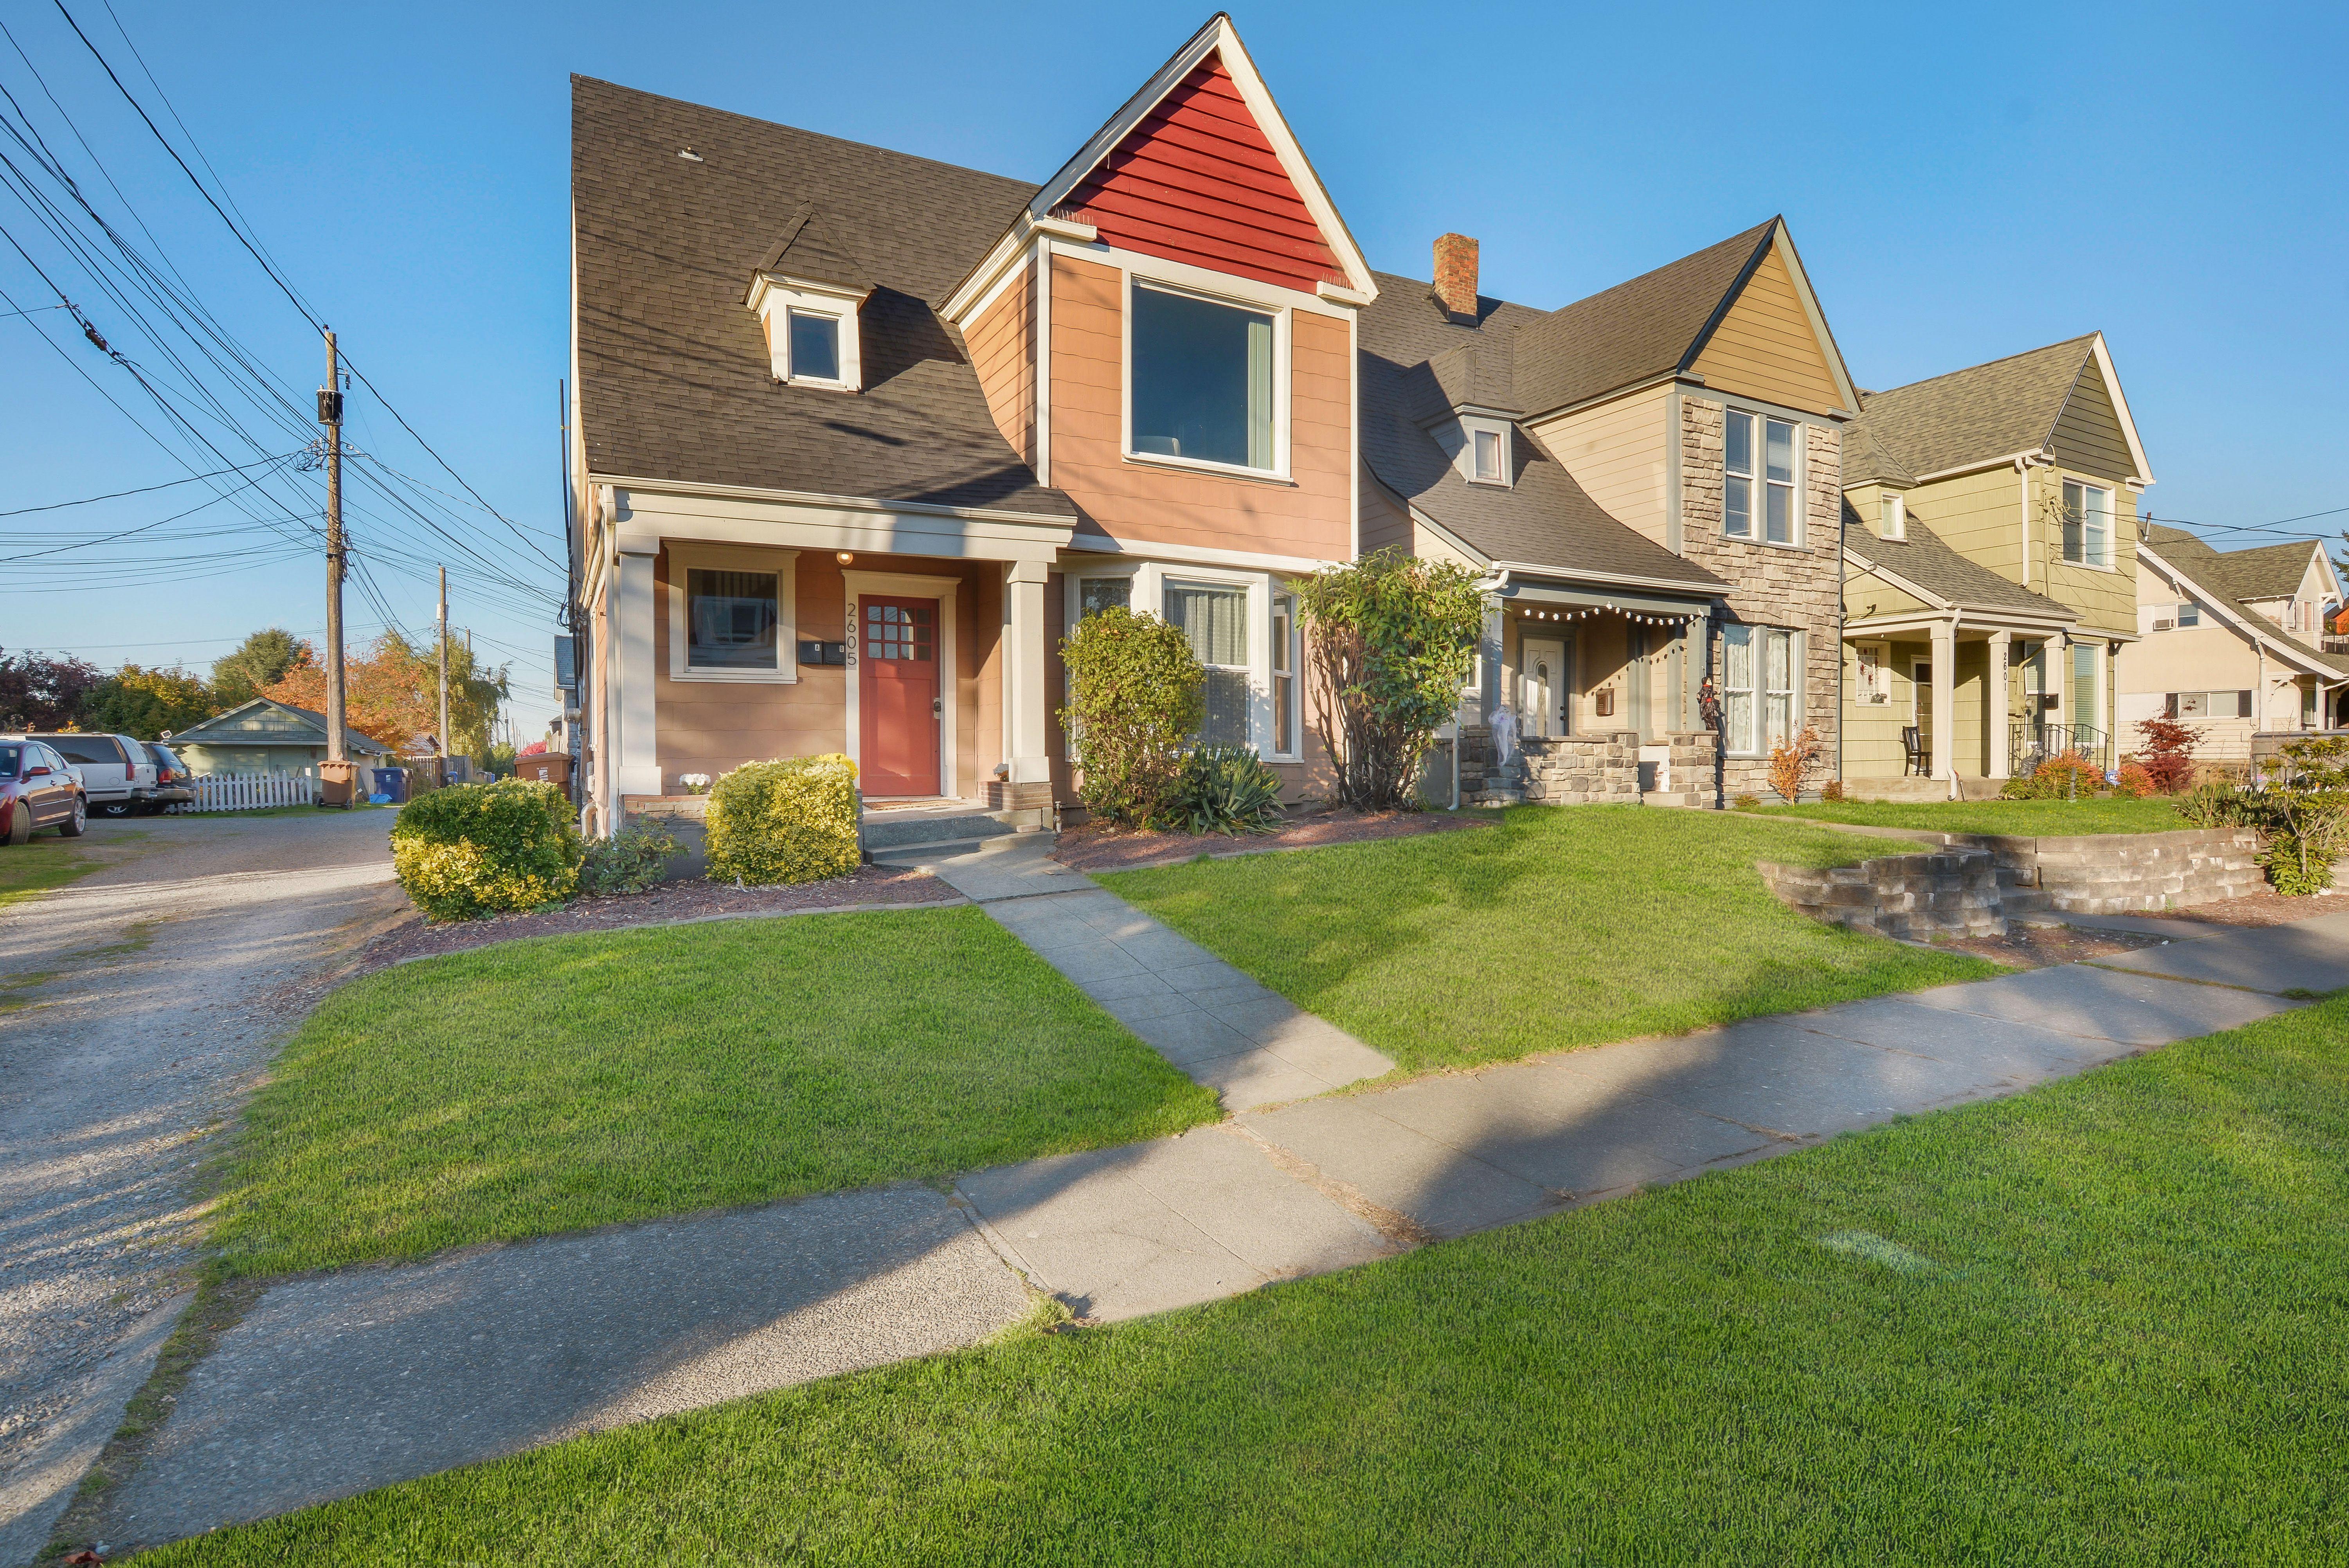 Sold! North Duplex real estate, Duplex